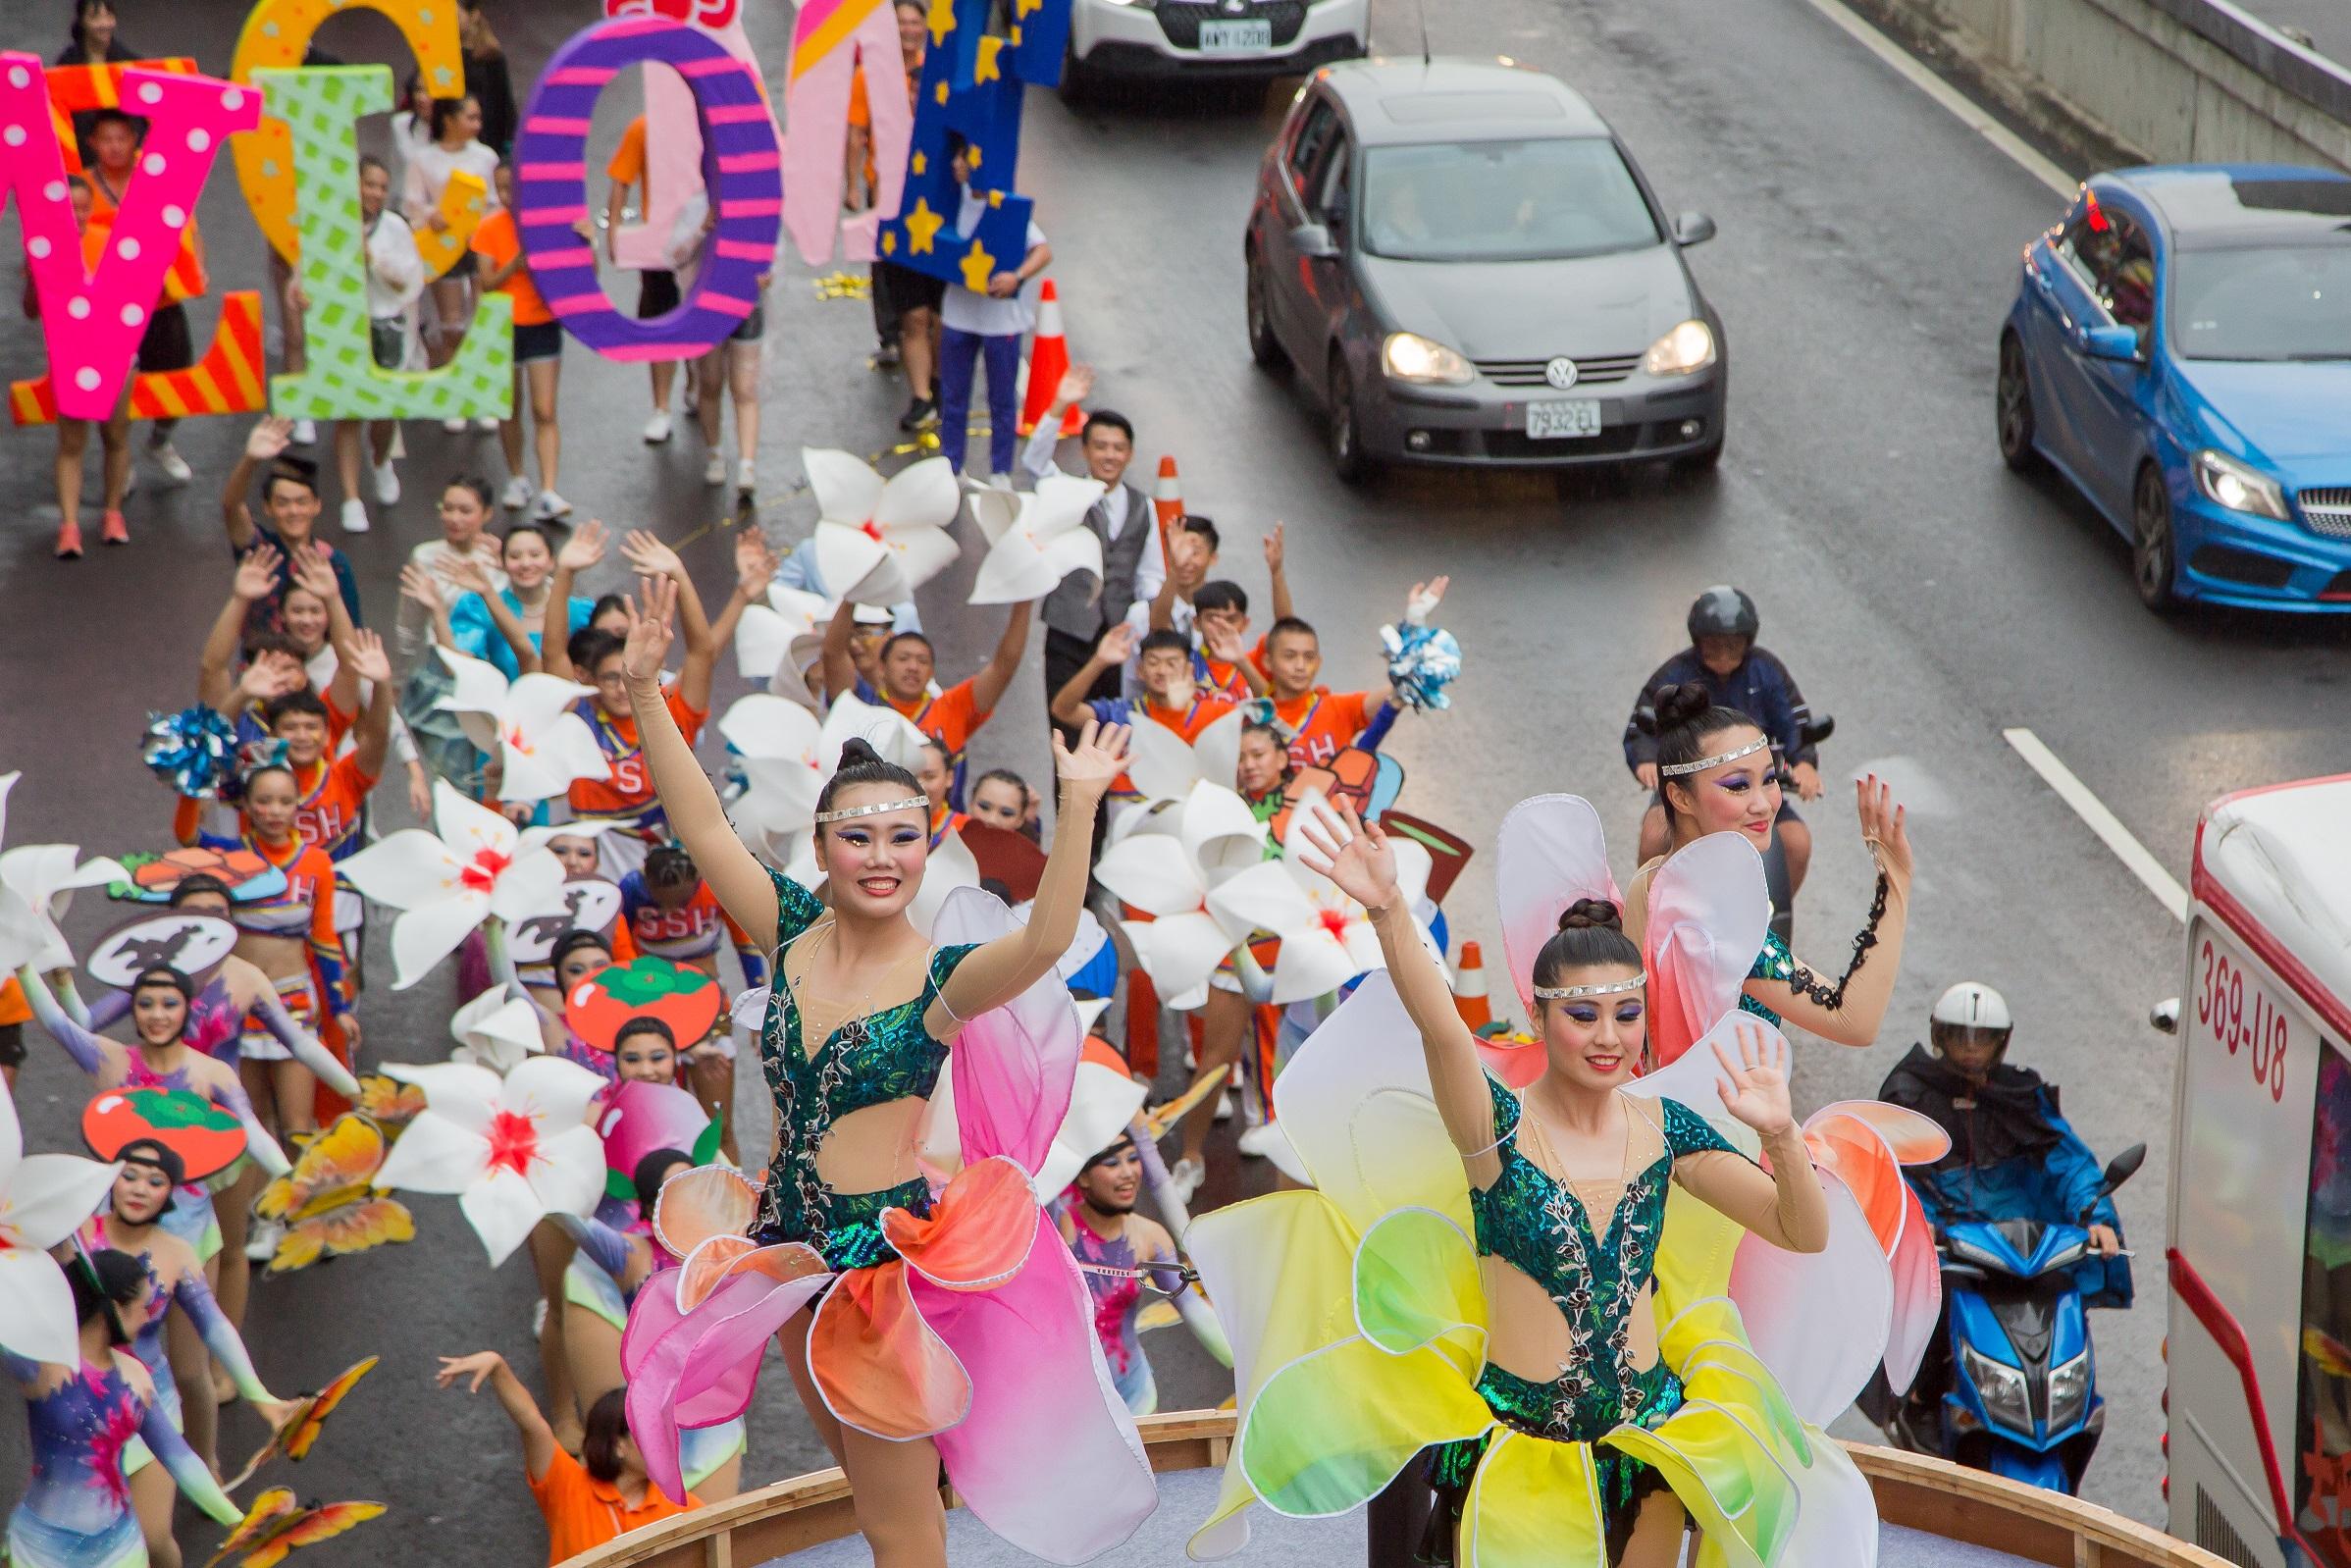 花車上穿著花仙子造型的學生,洋溢著青春笑容